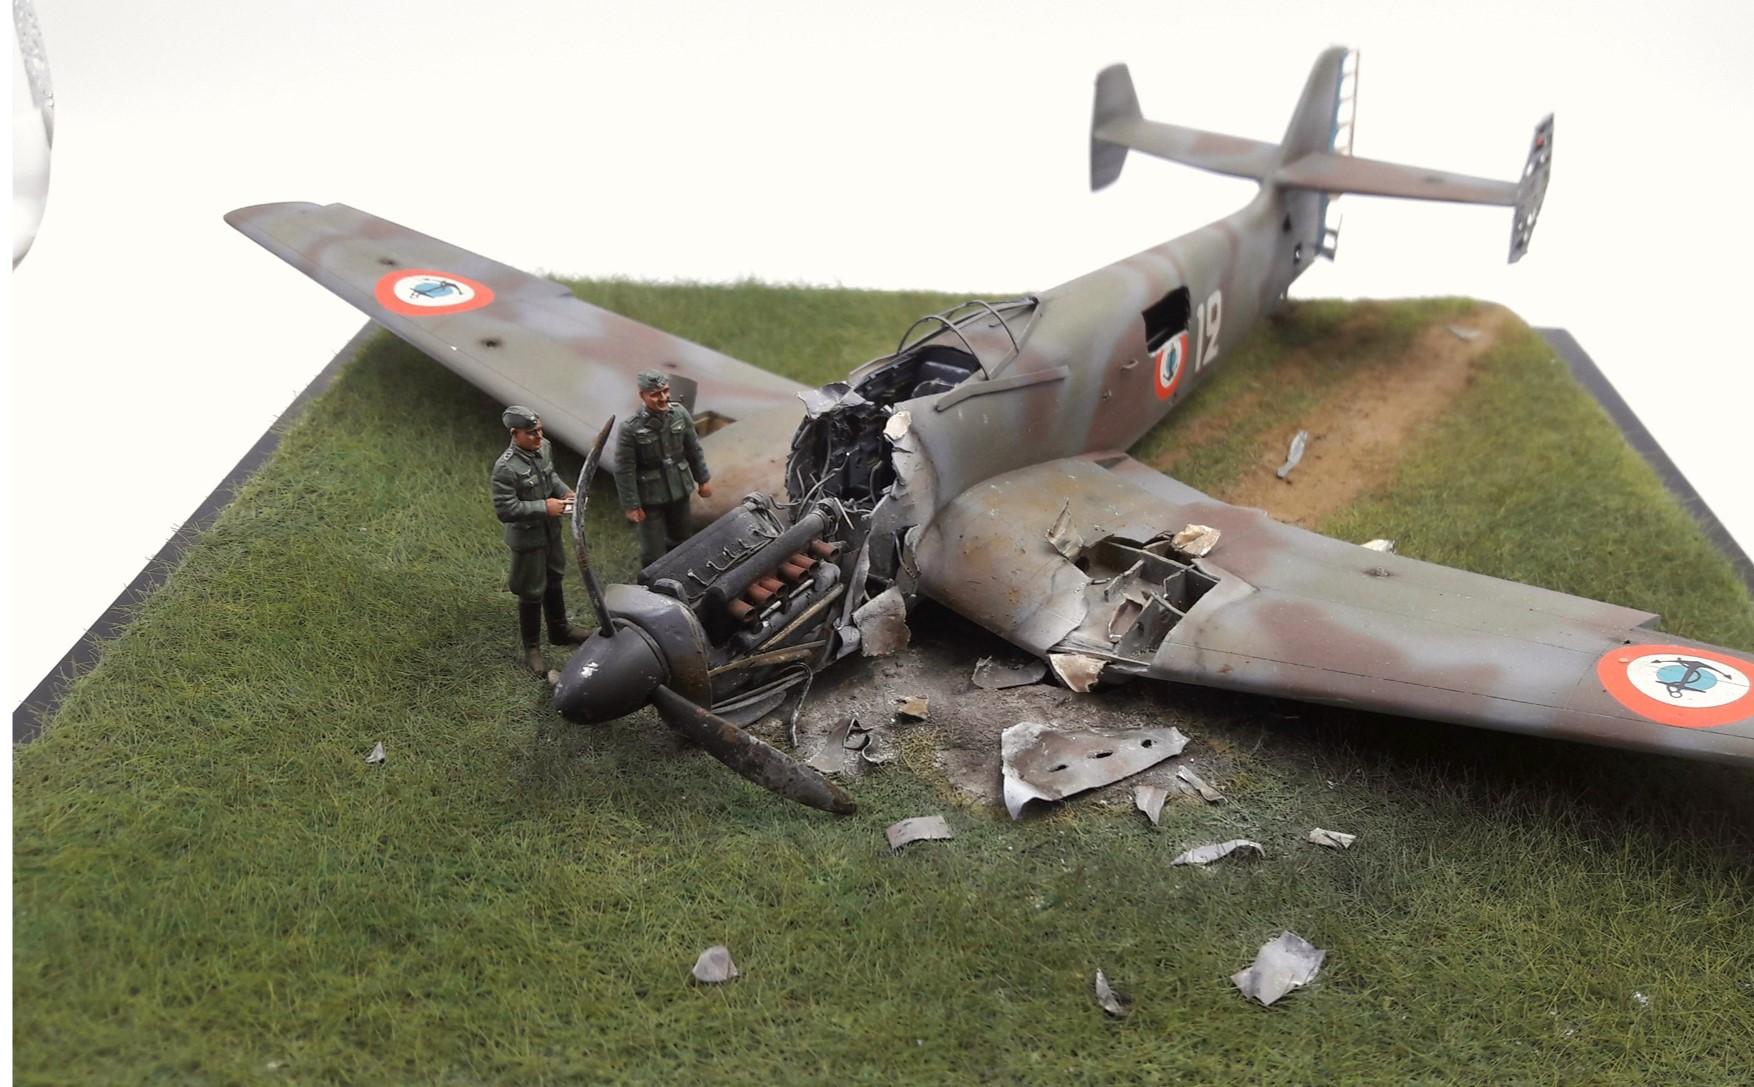 [Concours Aéronavale] Loire Nieuport 401/411 -  Special hobby 1/48 - crash à Villereau -le sacrifice des marins aviateurs du 19 mai 1940 - Mission Berlaimont  Image484